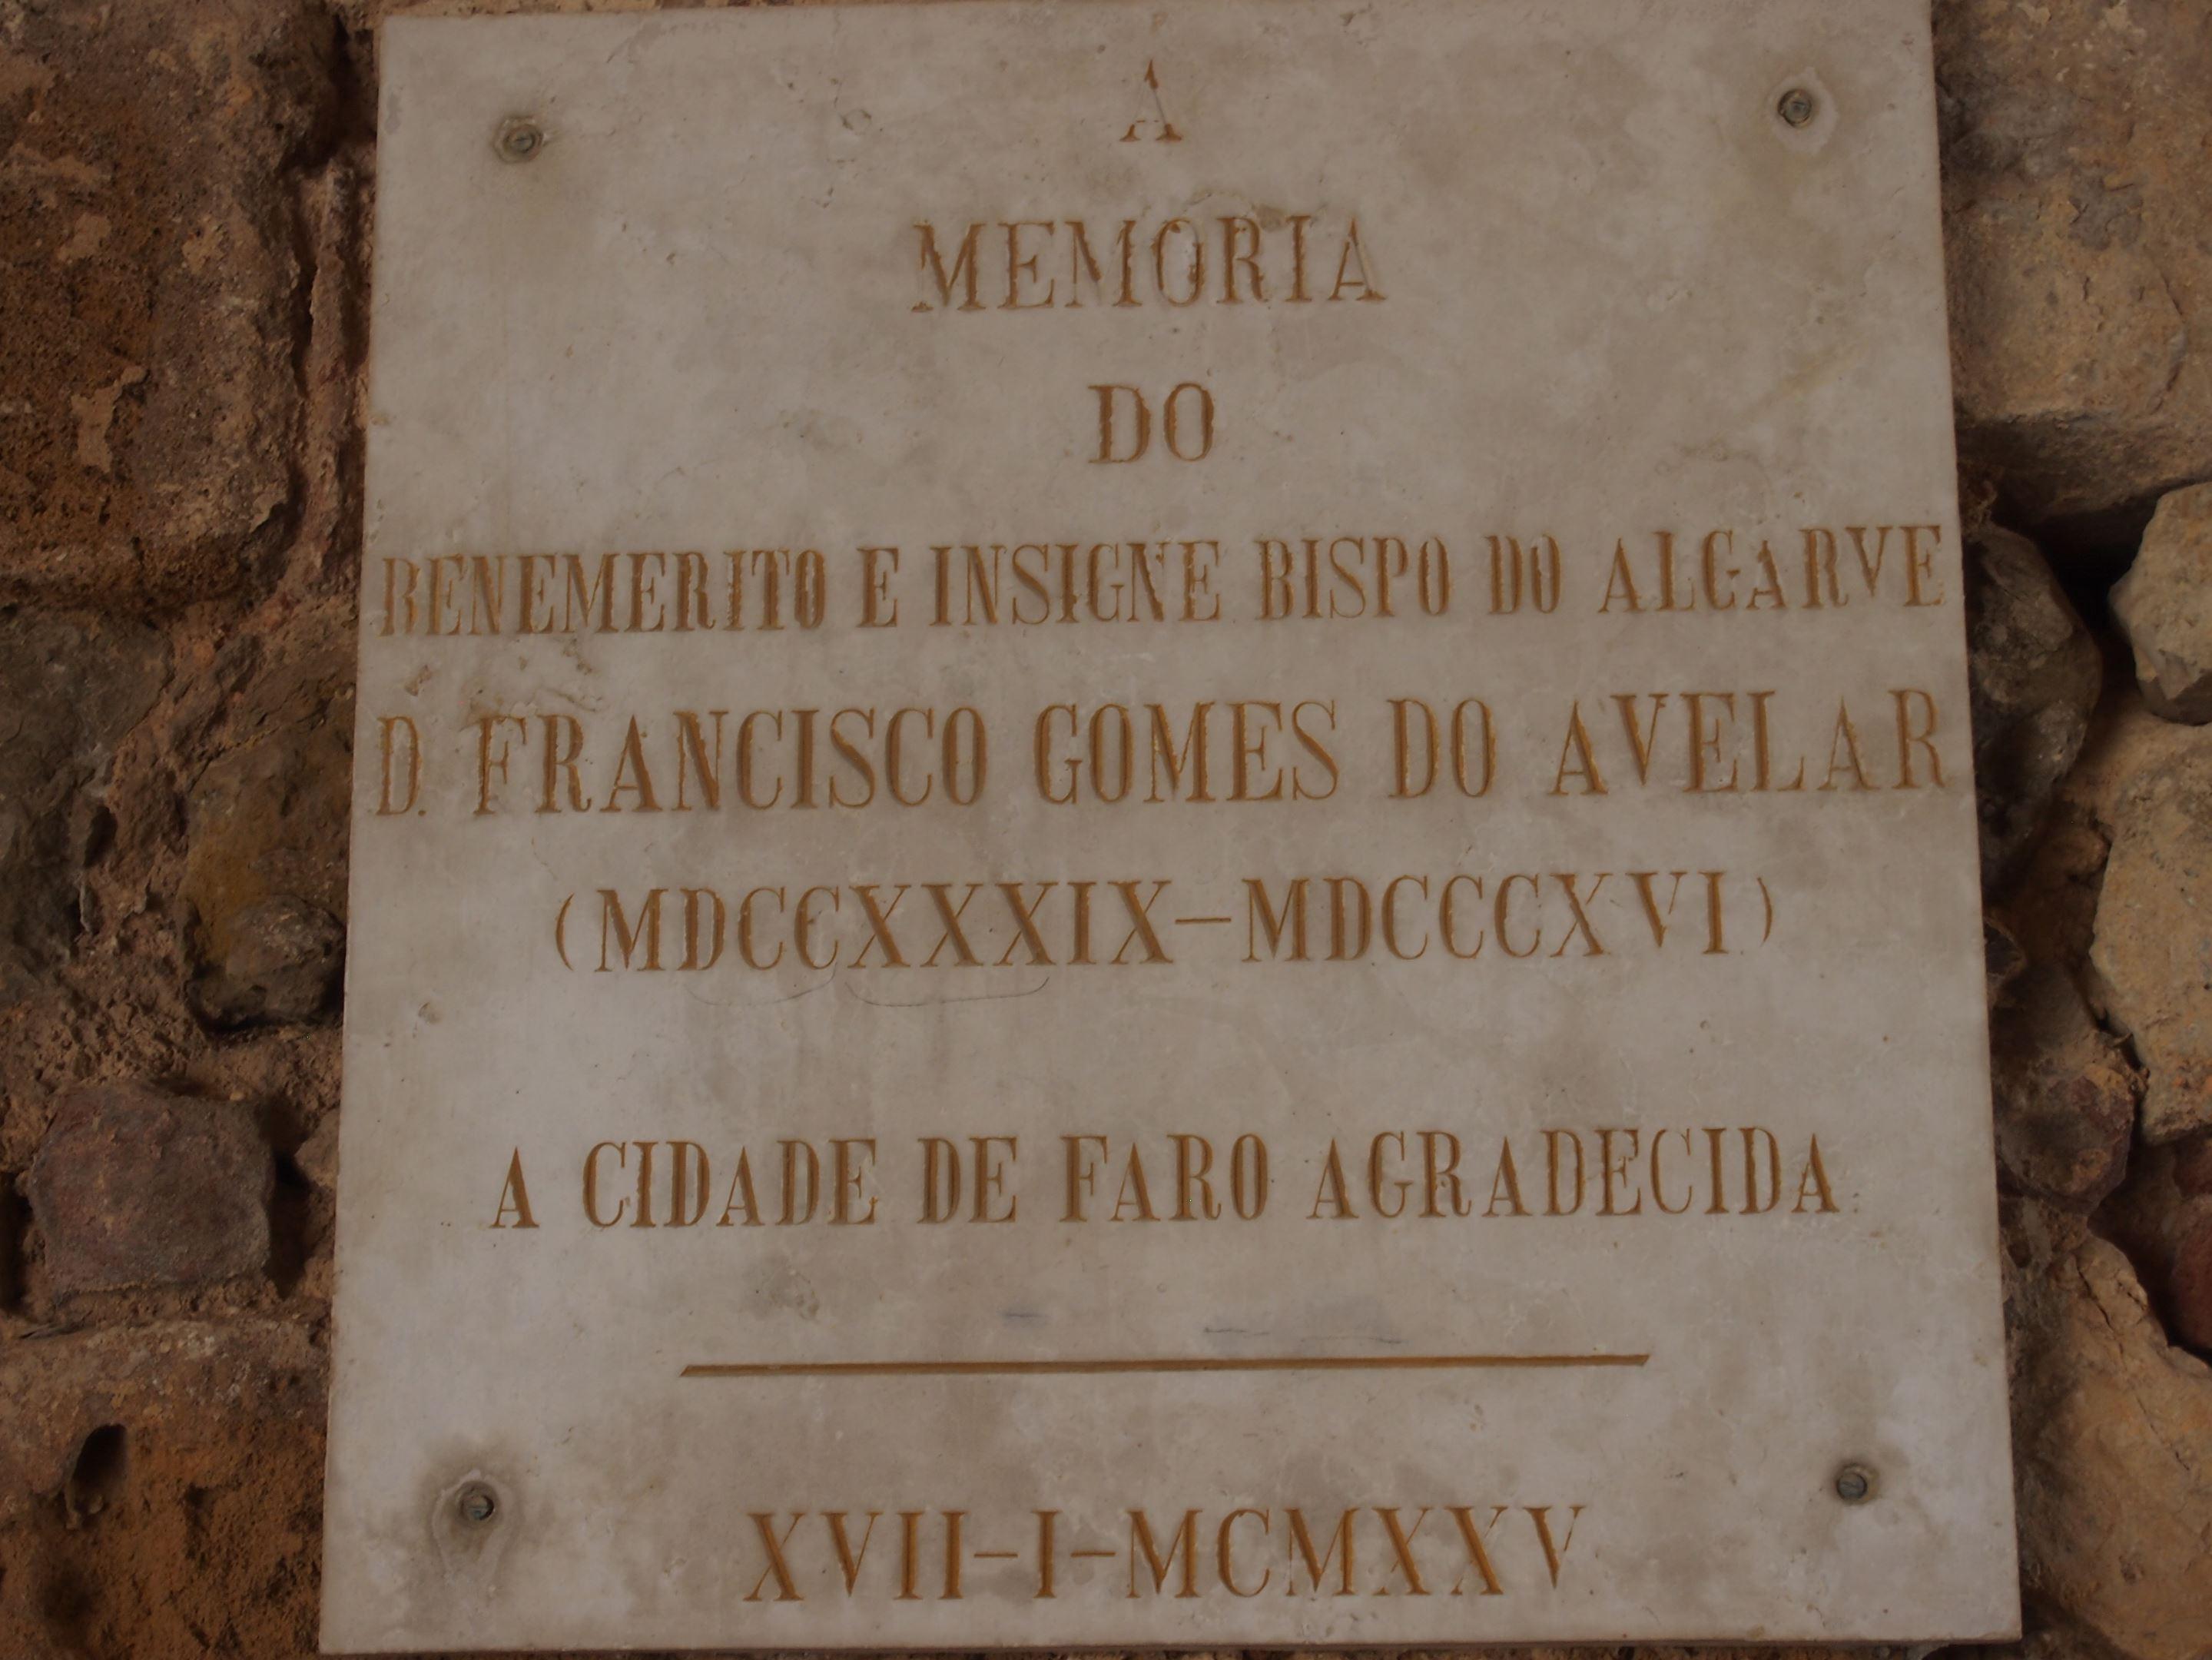 In memory of the Bishop of Algarve, D Francisco Gomes do Avelar 1739-1816